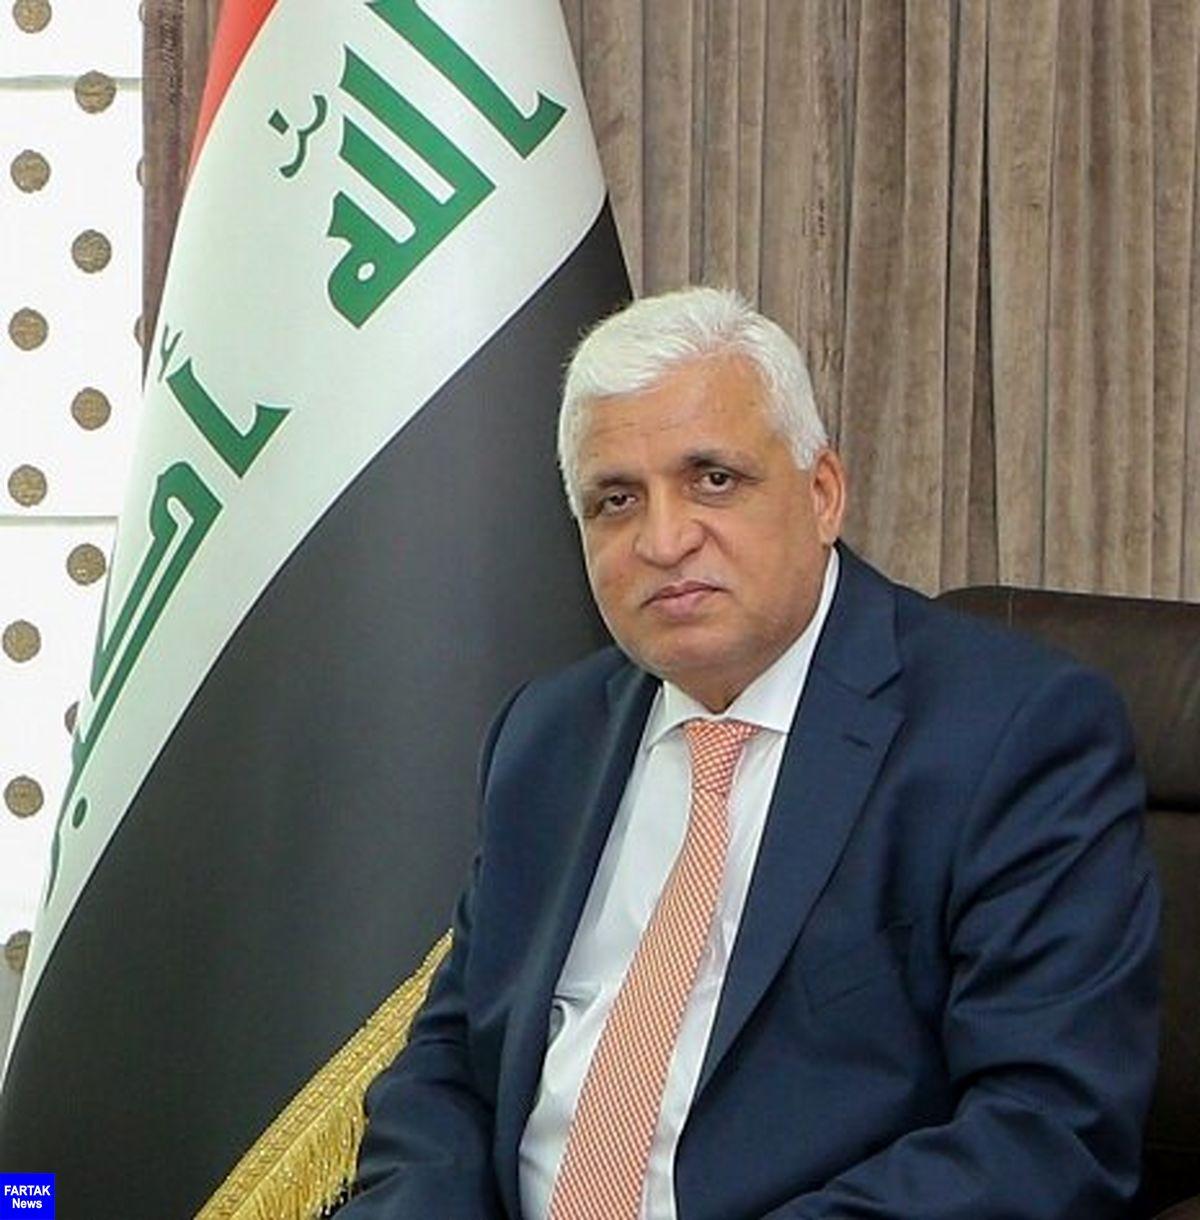 دستورات جدید به گروههای حشد شعبی درباره تظاهرات عراق